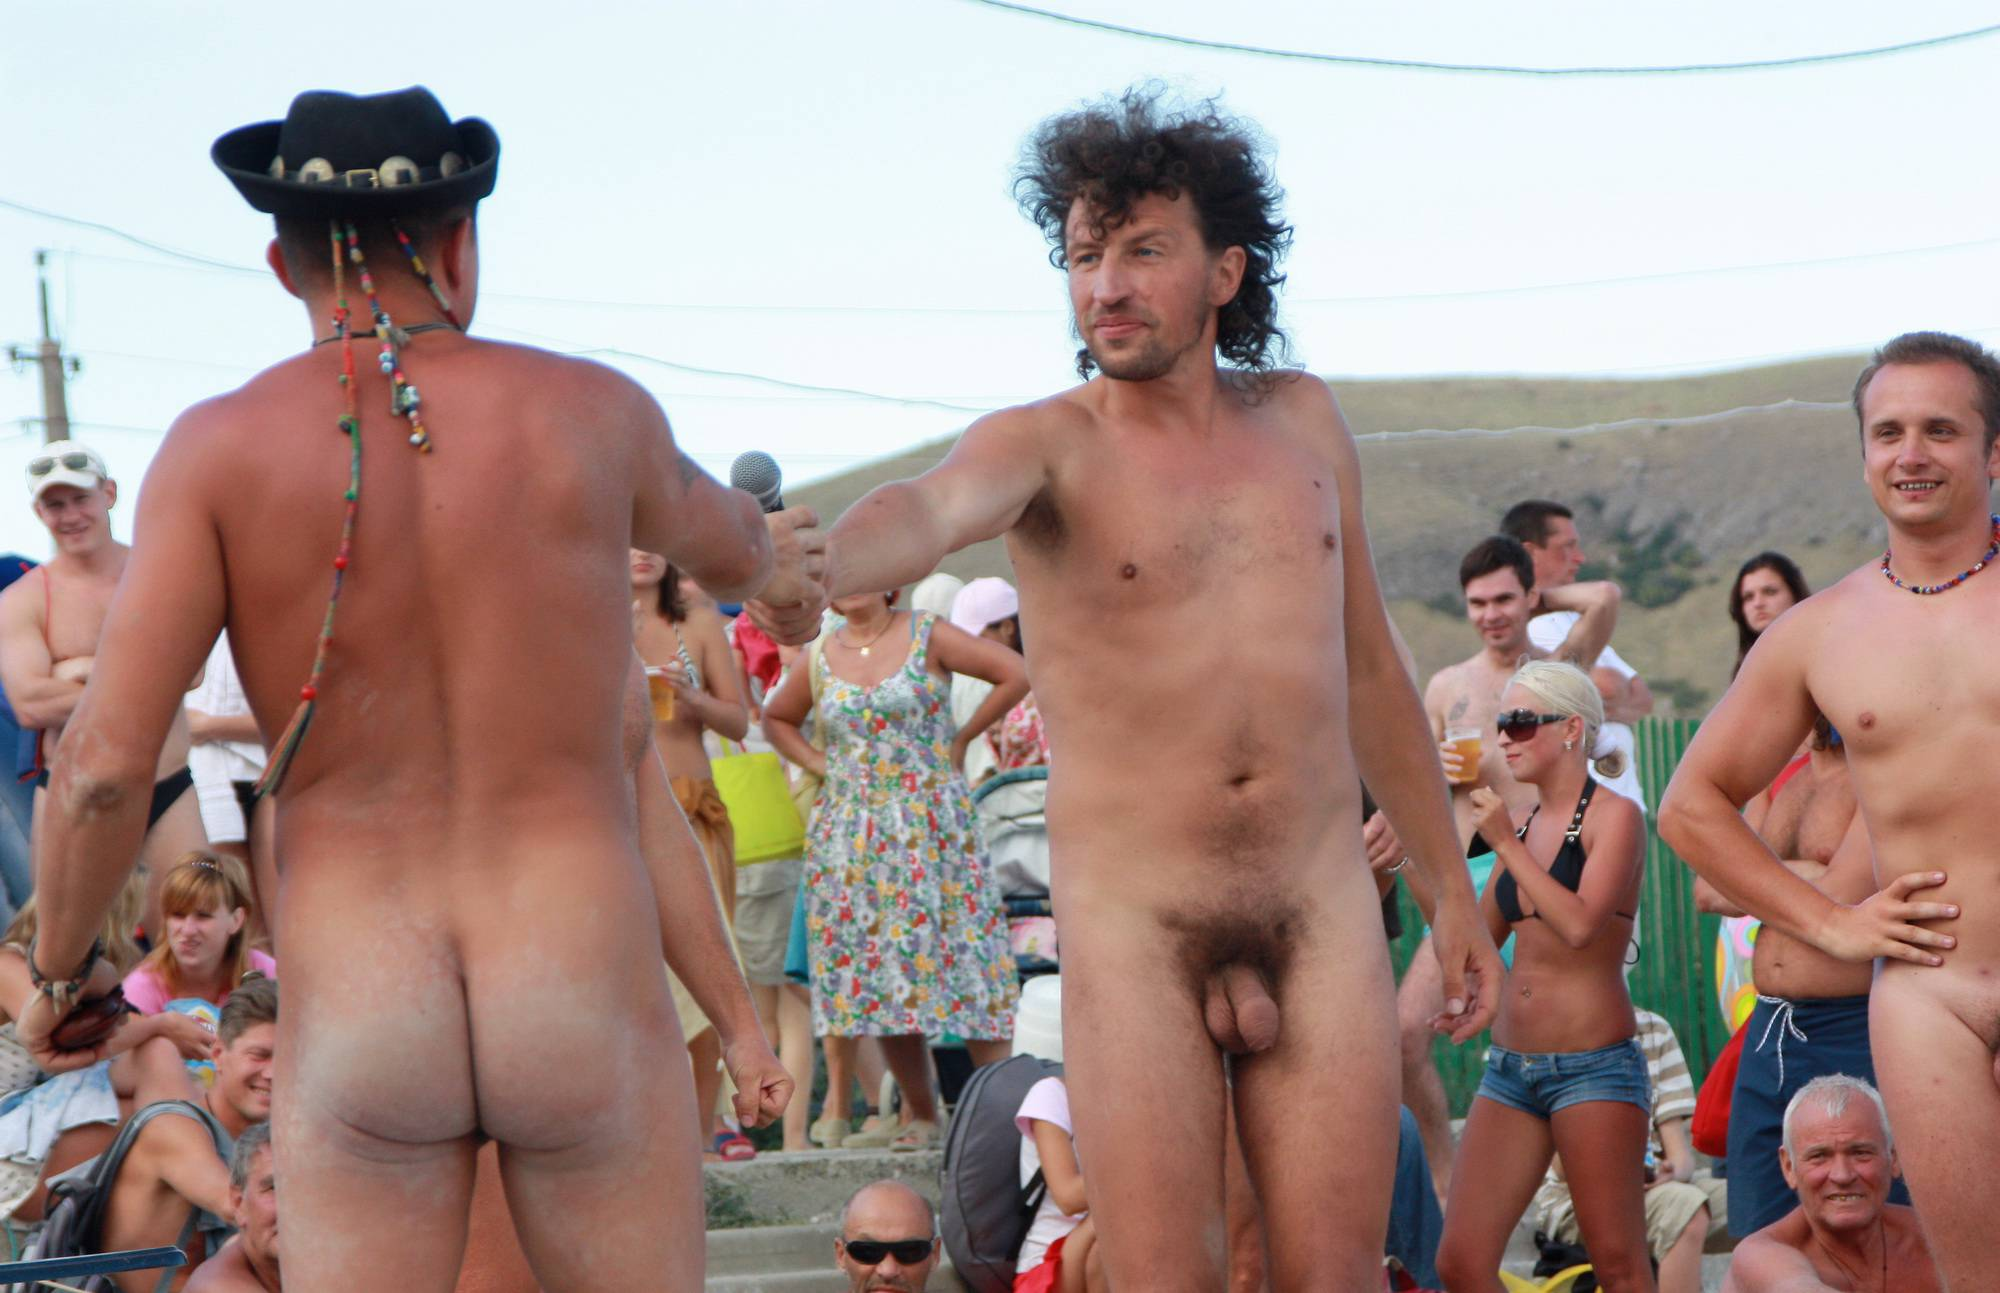 Nudist Photos Ukrainian Men Day Lineup - 1